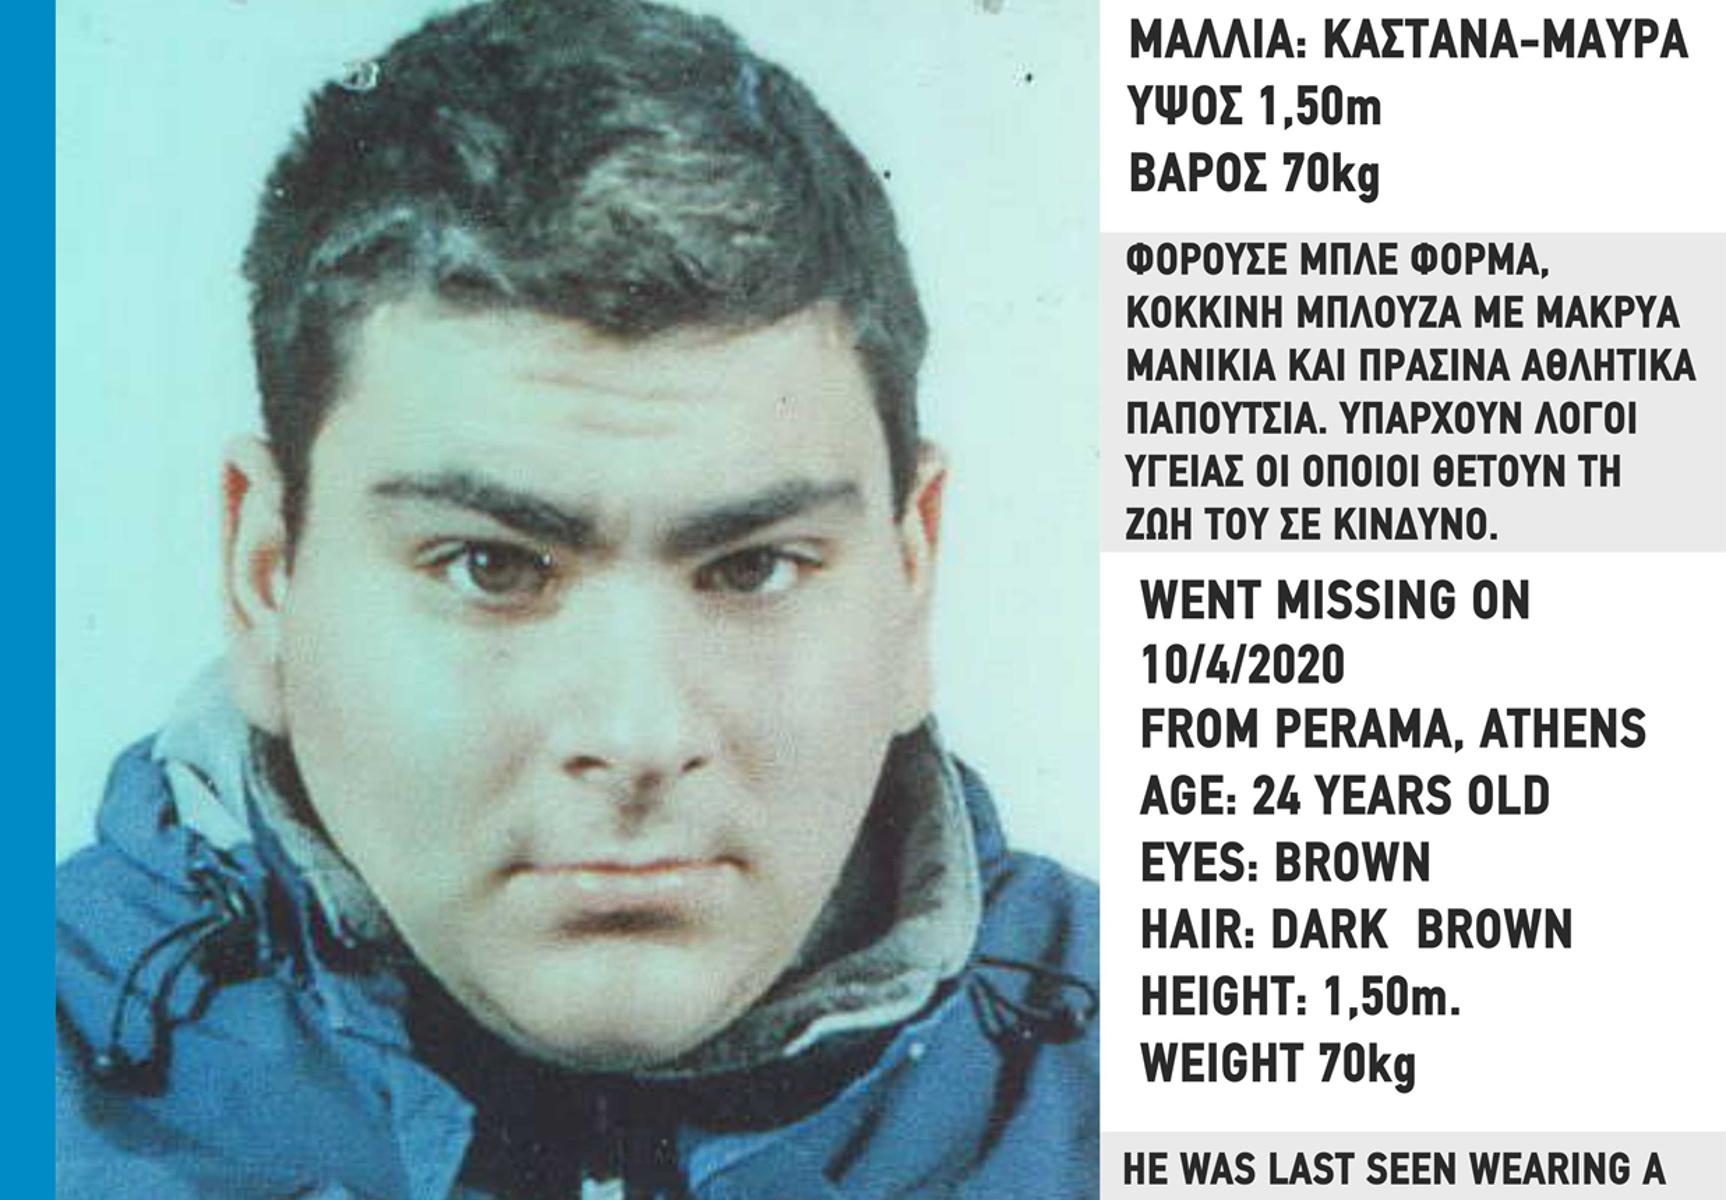 Αγωνία για την τύχη 24χρονου που εξαφανίστηκε από το Πέραμα